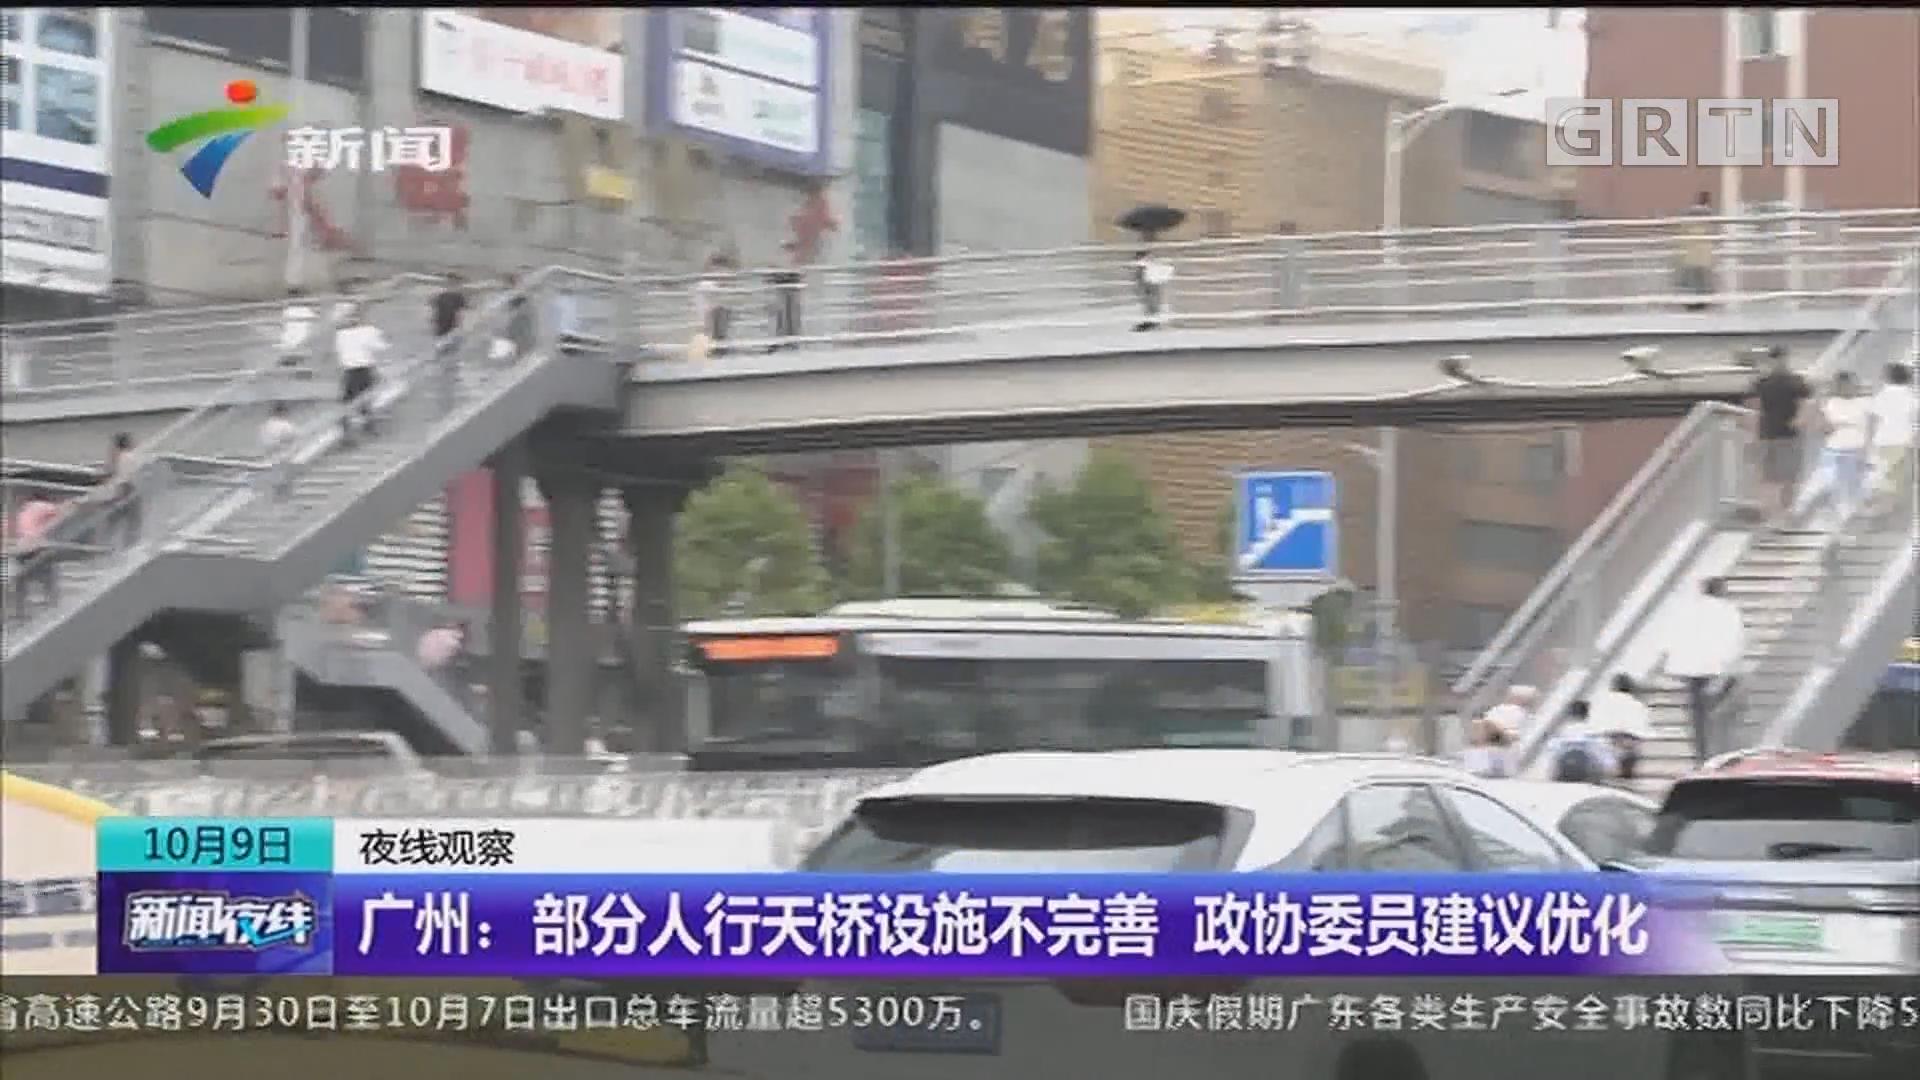 广州:部分人行天桥设施不完善 政协委员建议优化